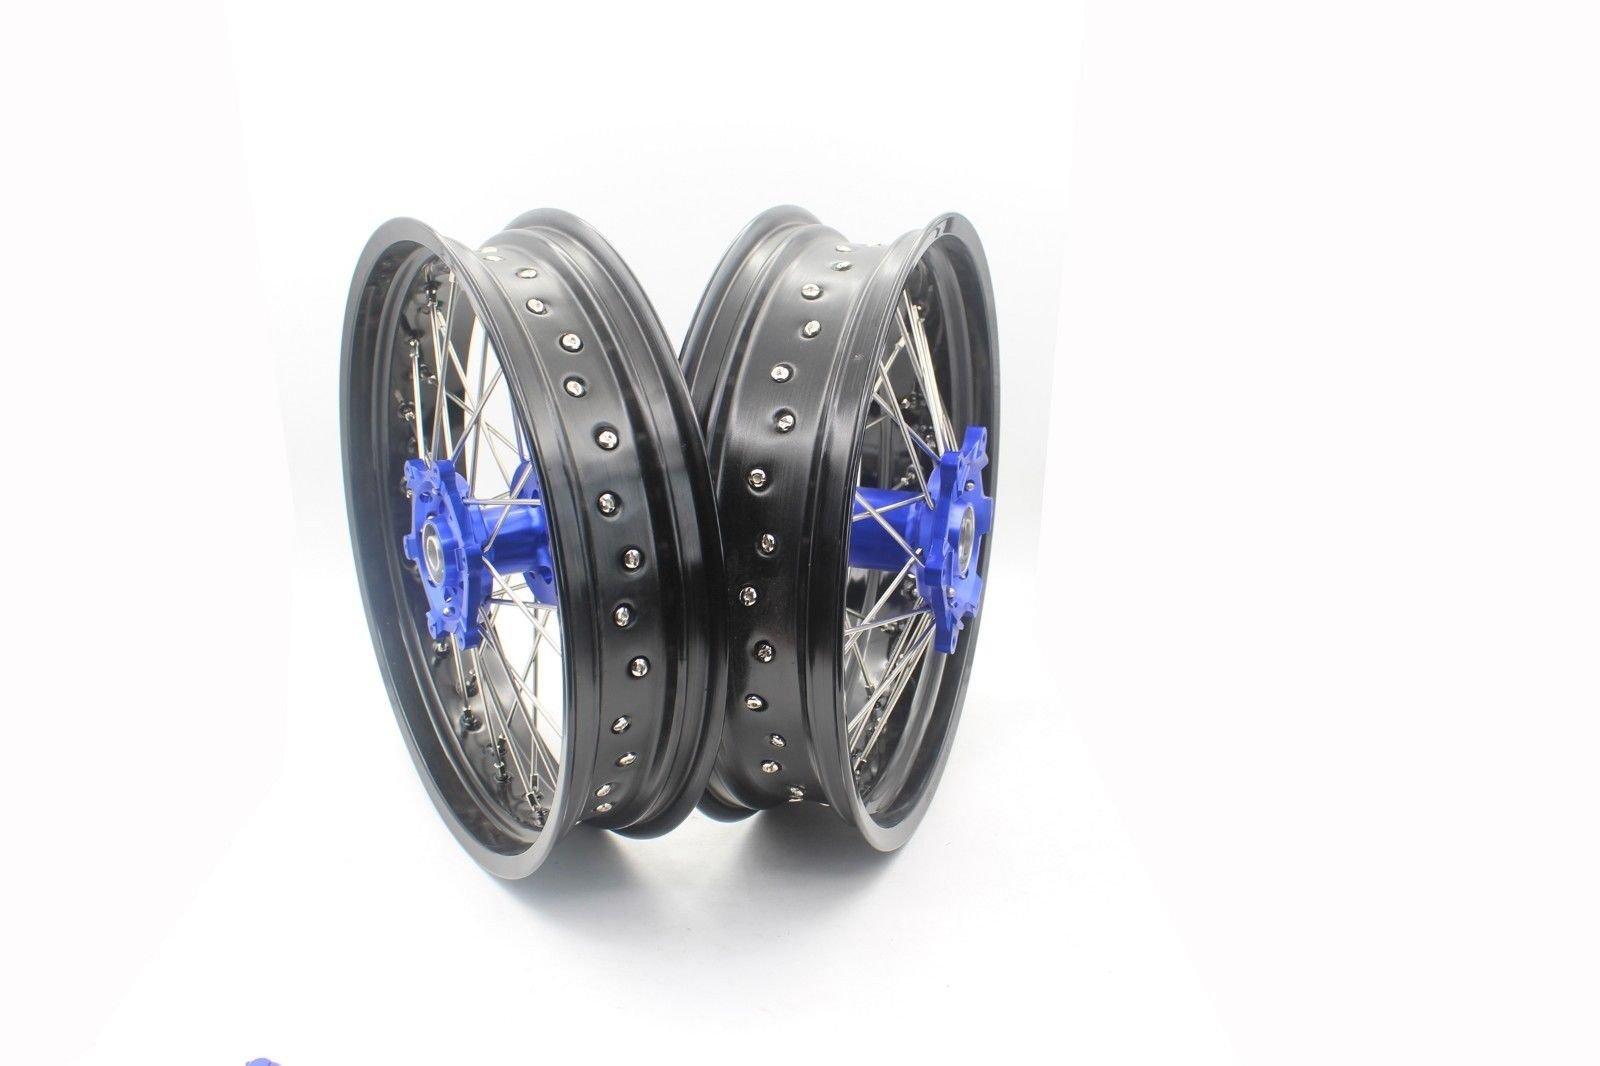 KKE YAMAHA 3.5×17/4.25×17 SUPERMOTO MOTARD WHEELS SET WR250R 2008-2017 BLUE HUB BLACK RIM